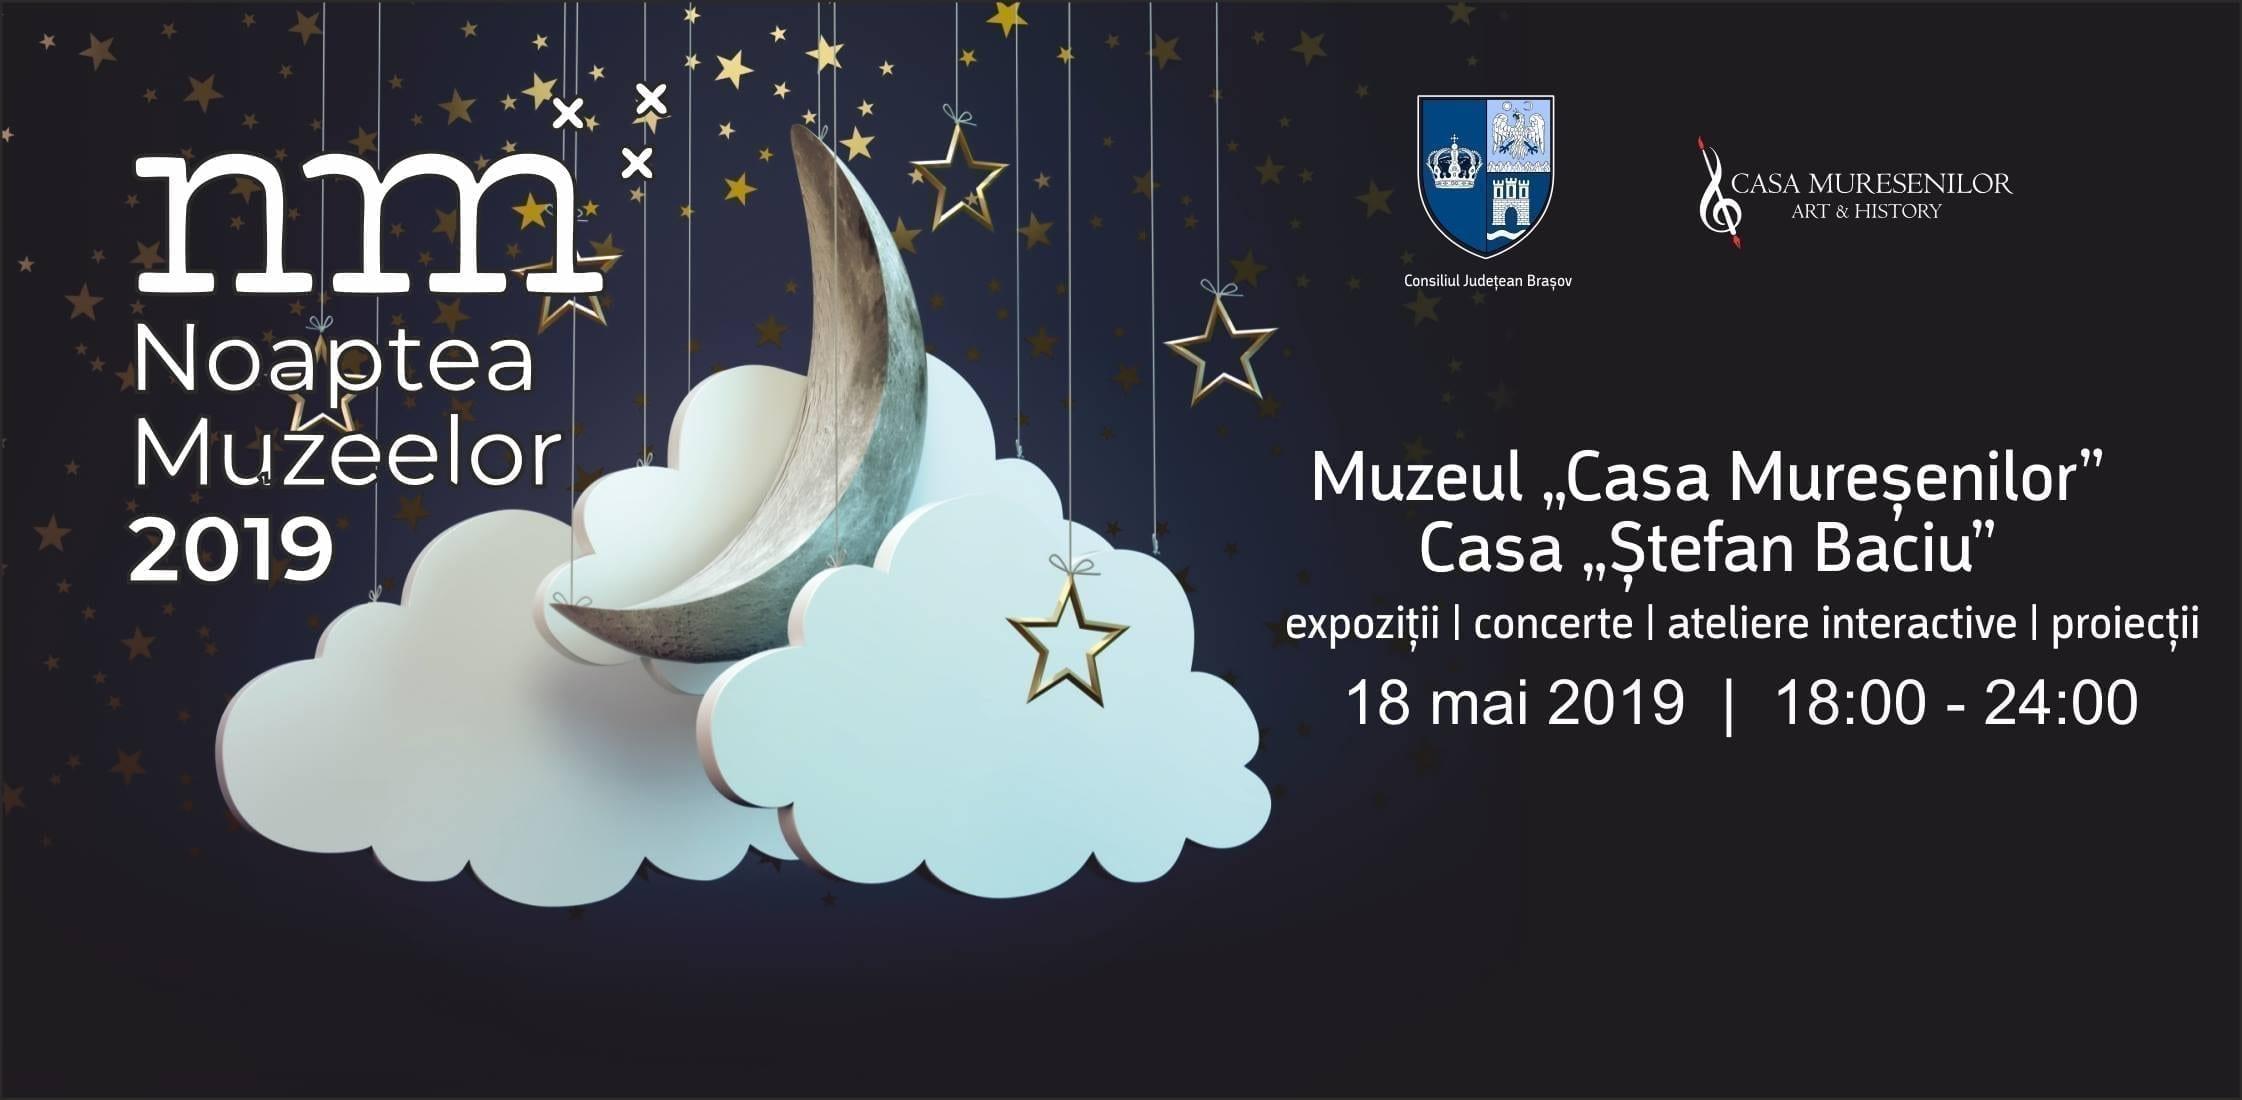 Muzeul Casa Mureșenilor Brașov & Casa Memorială Ștefan Baciu @ Noaptea Muzeelor 2019